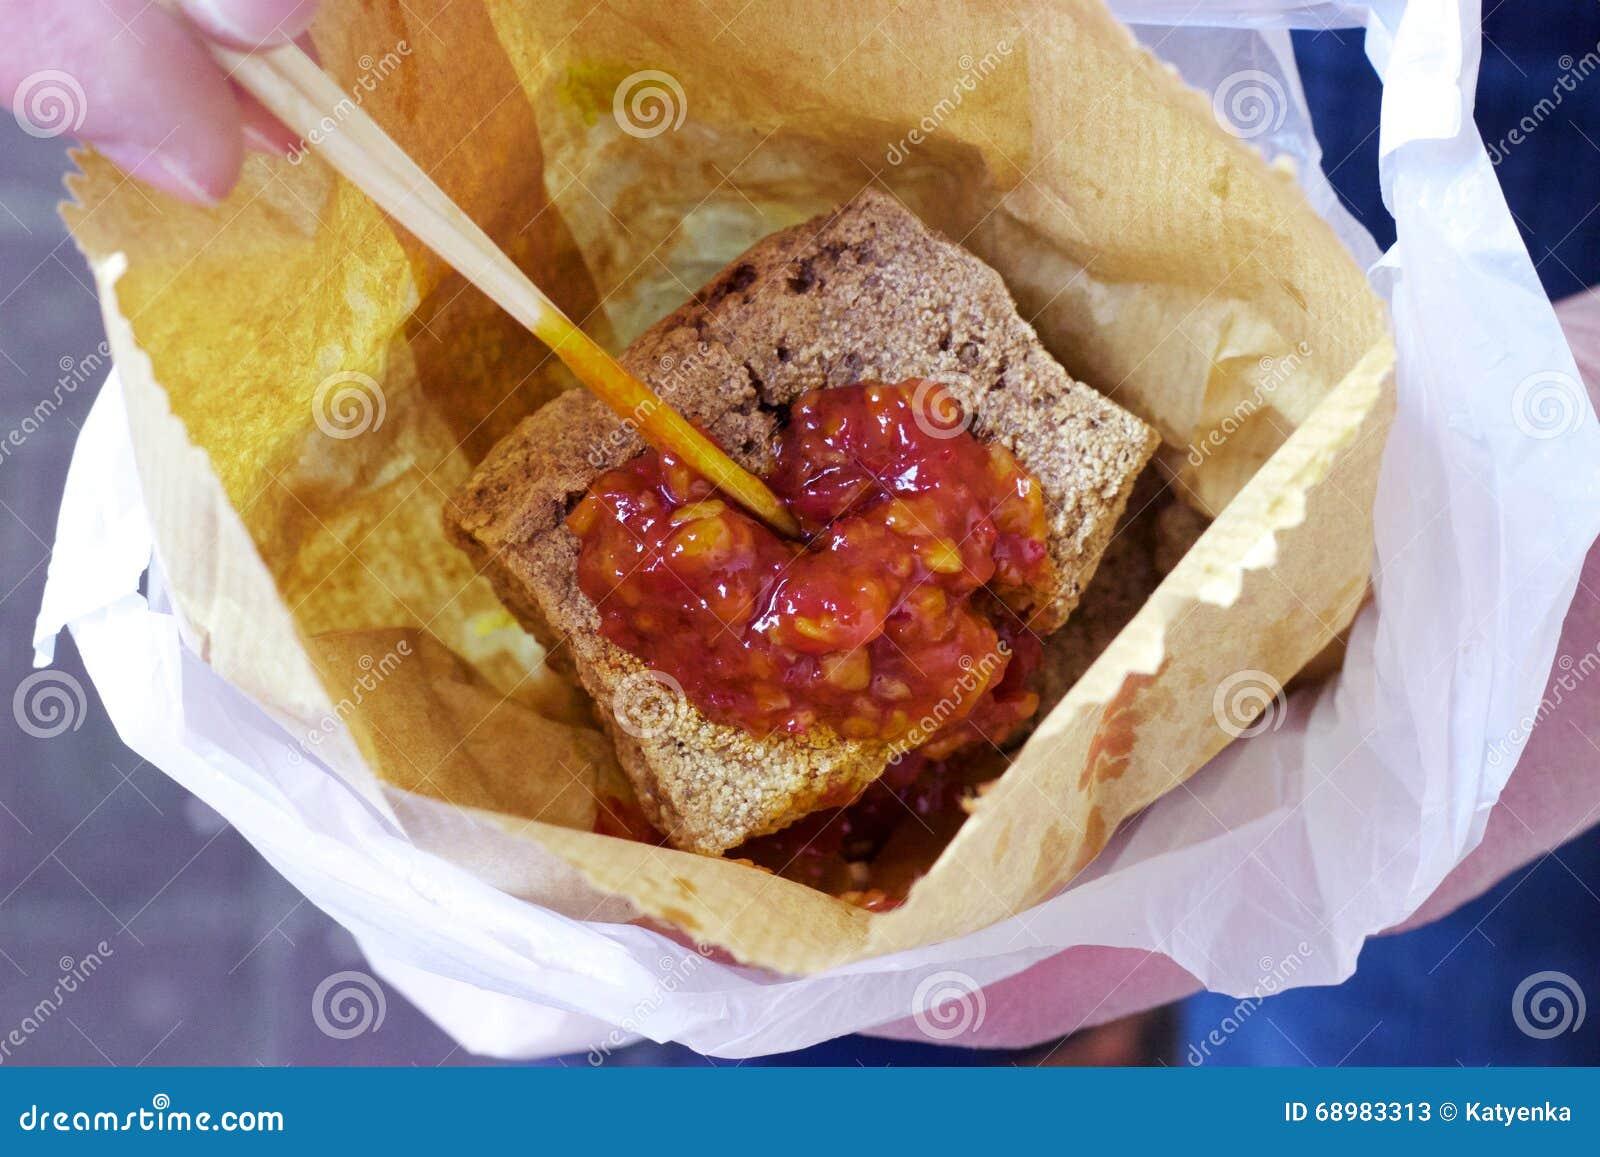 香港街道食物:腐败的豆腐,辣味番茄酱,纸袋